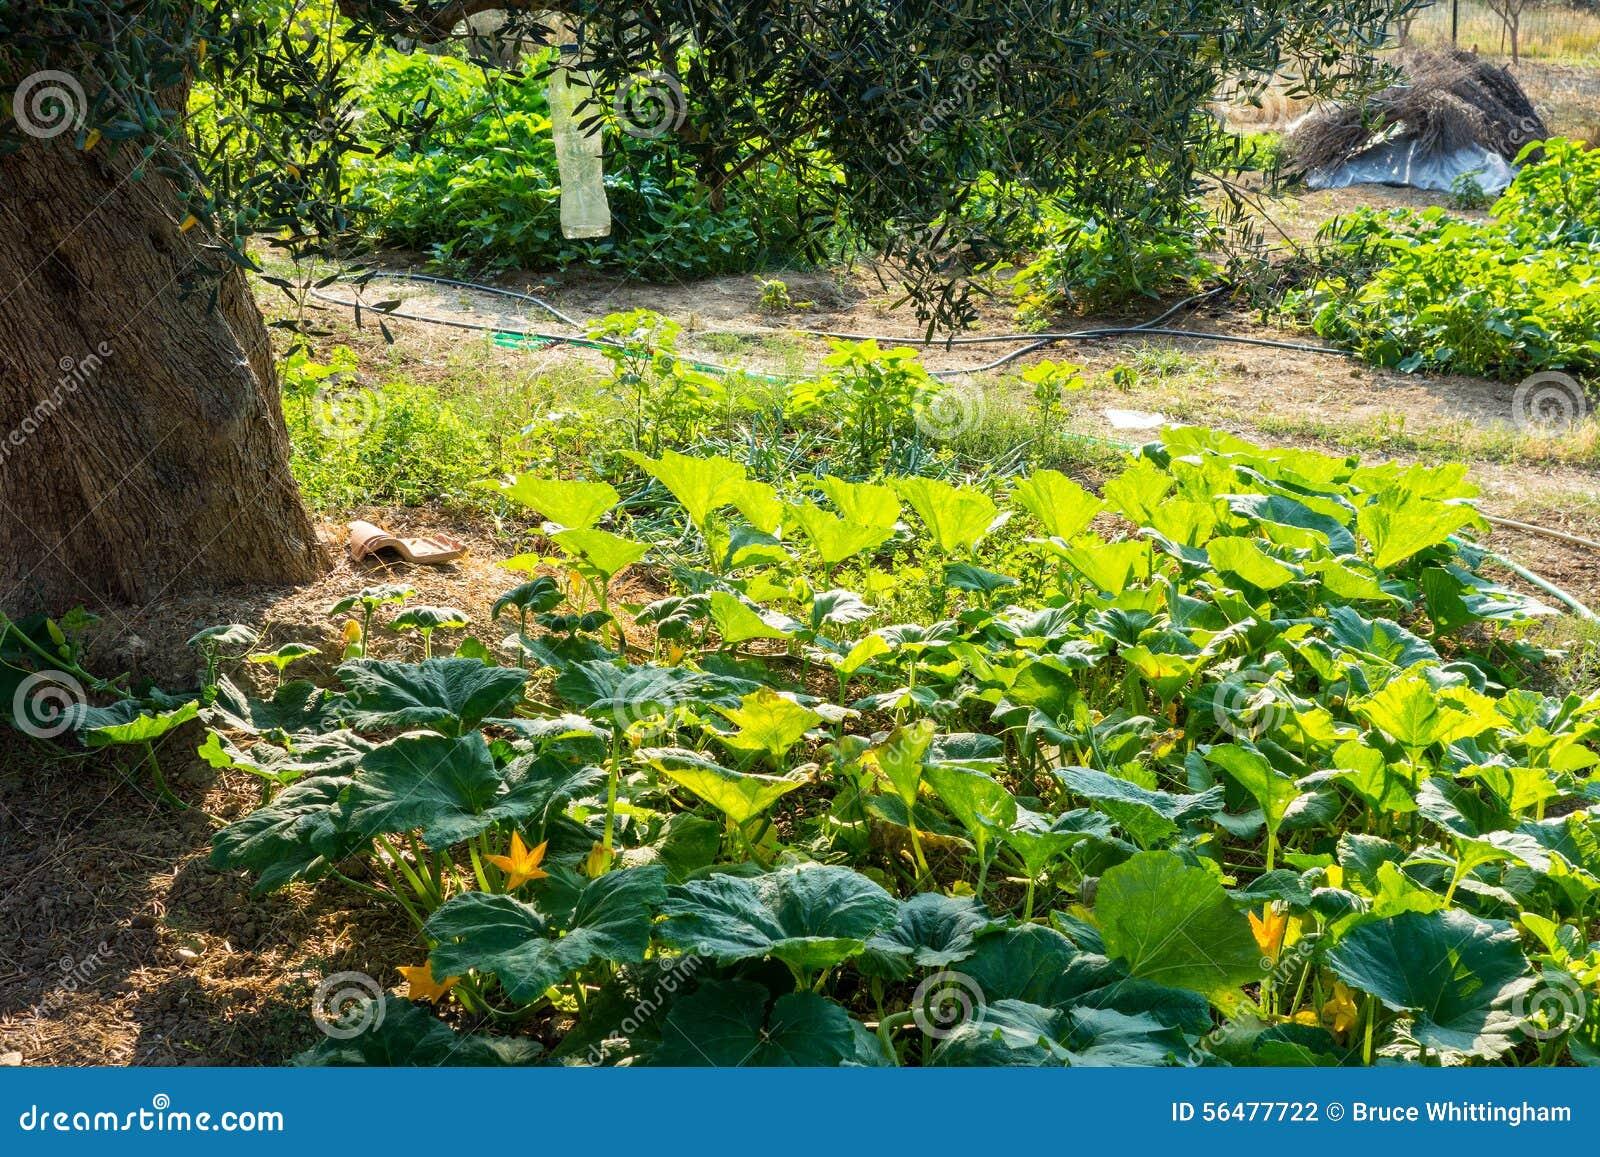 Usines de courgette dans le jardin rural